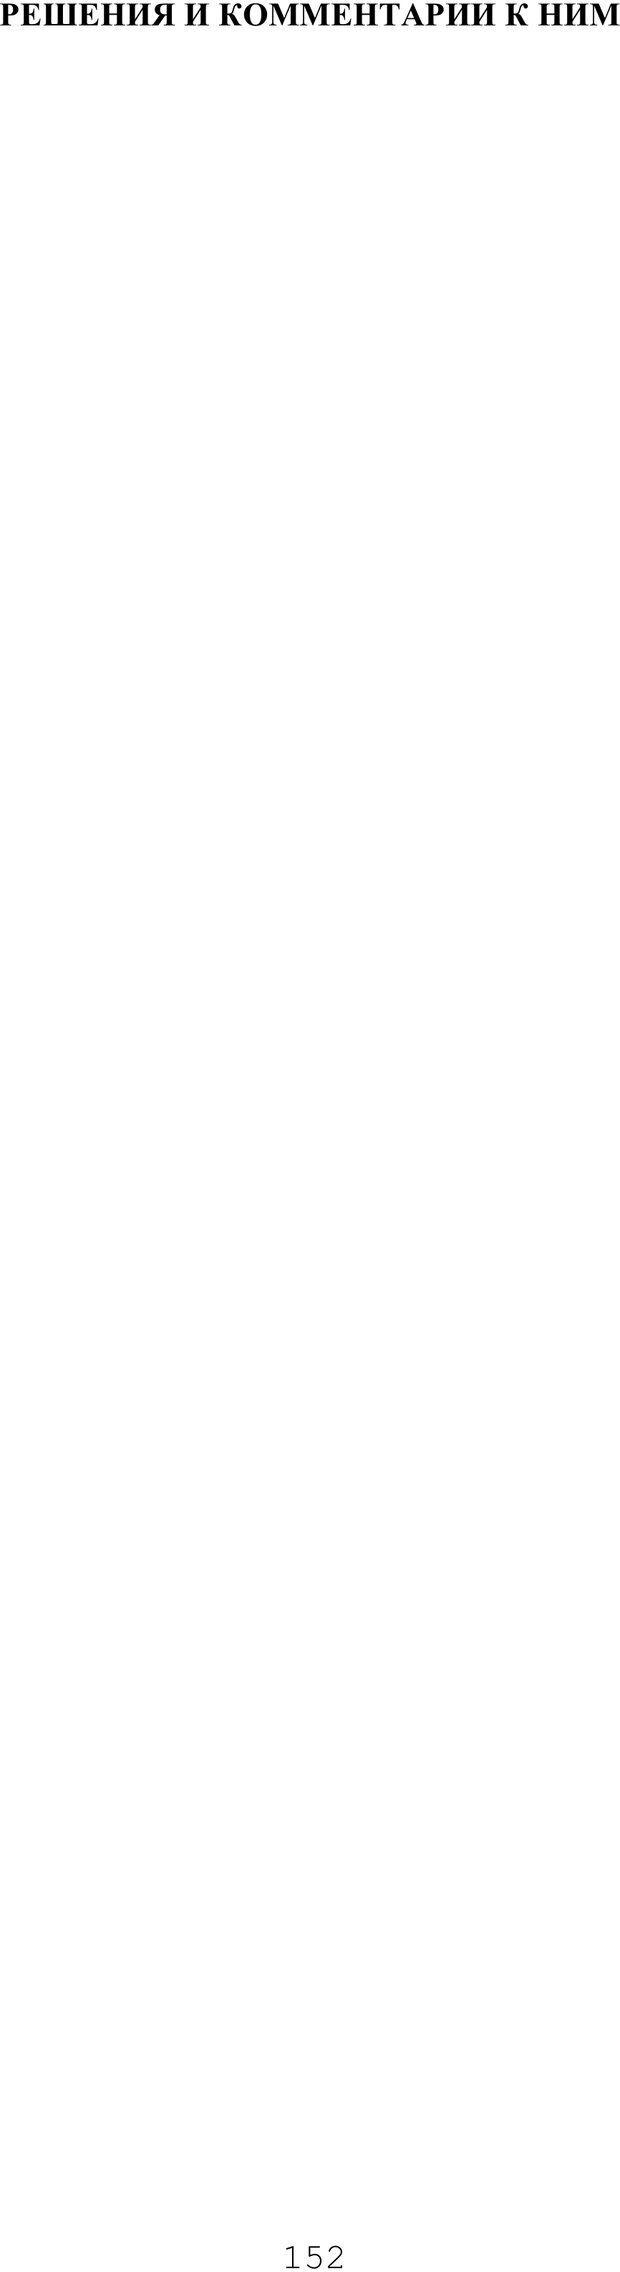 PDF. Мышление в дискуссиях и решениях задач. Милорадова Н. Г. Страница 152. Читать онлайн